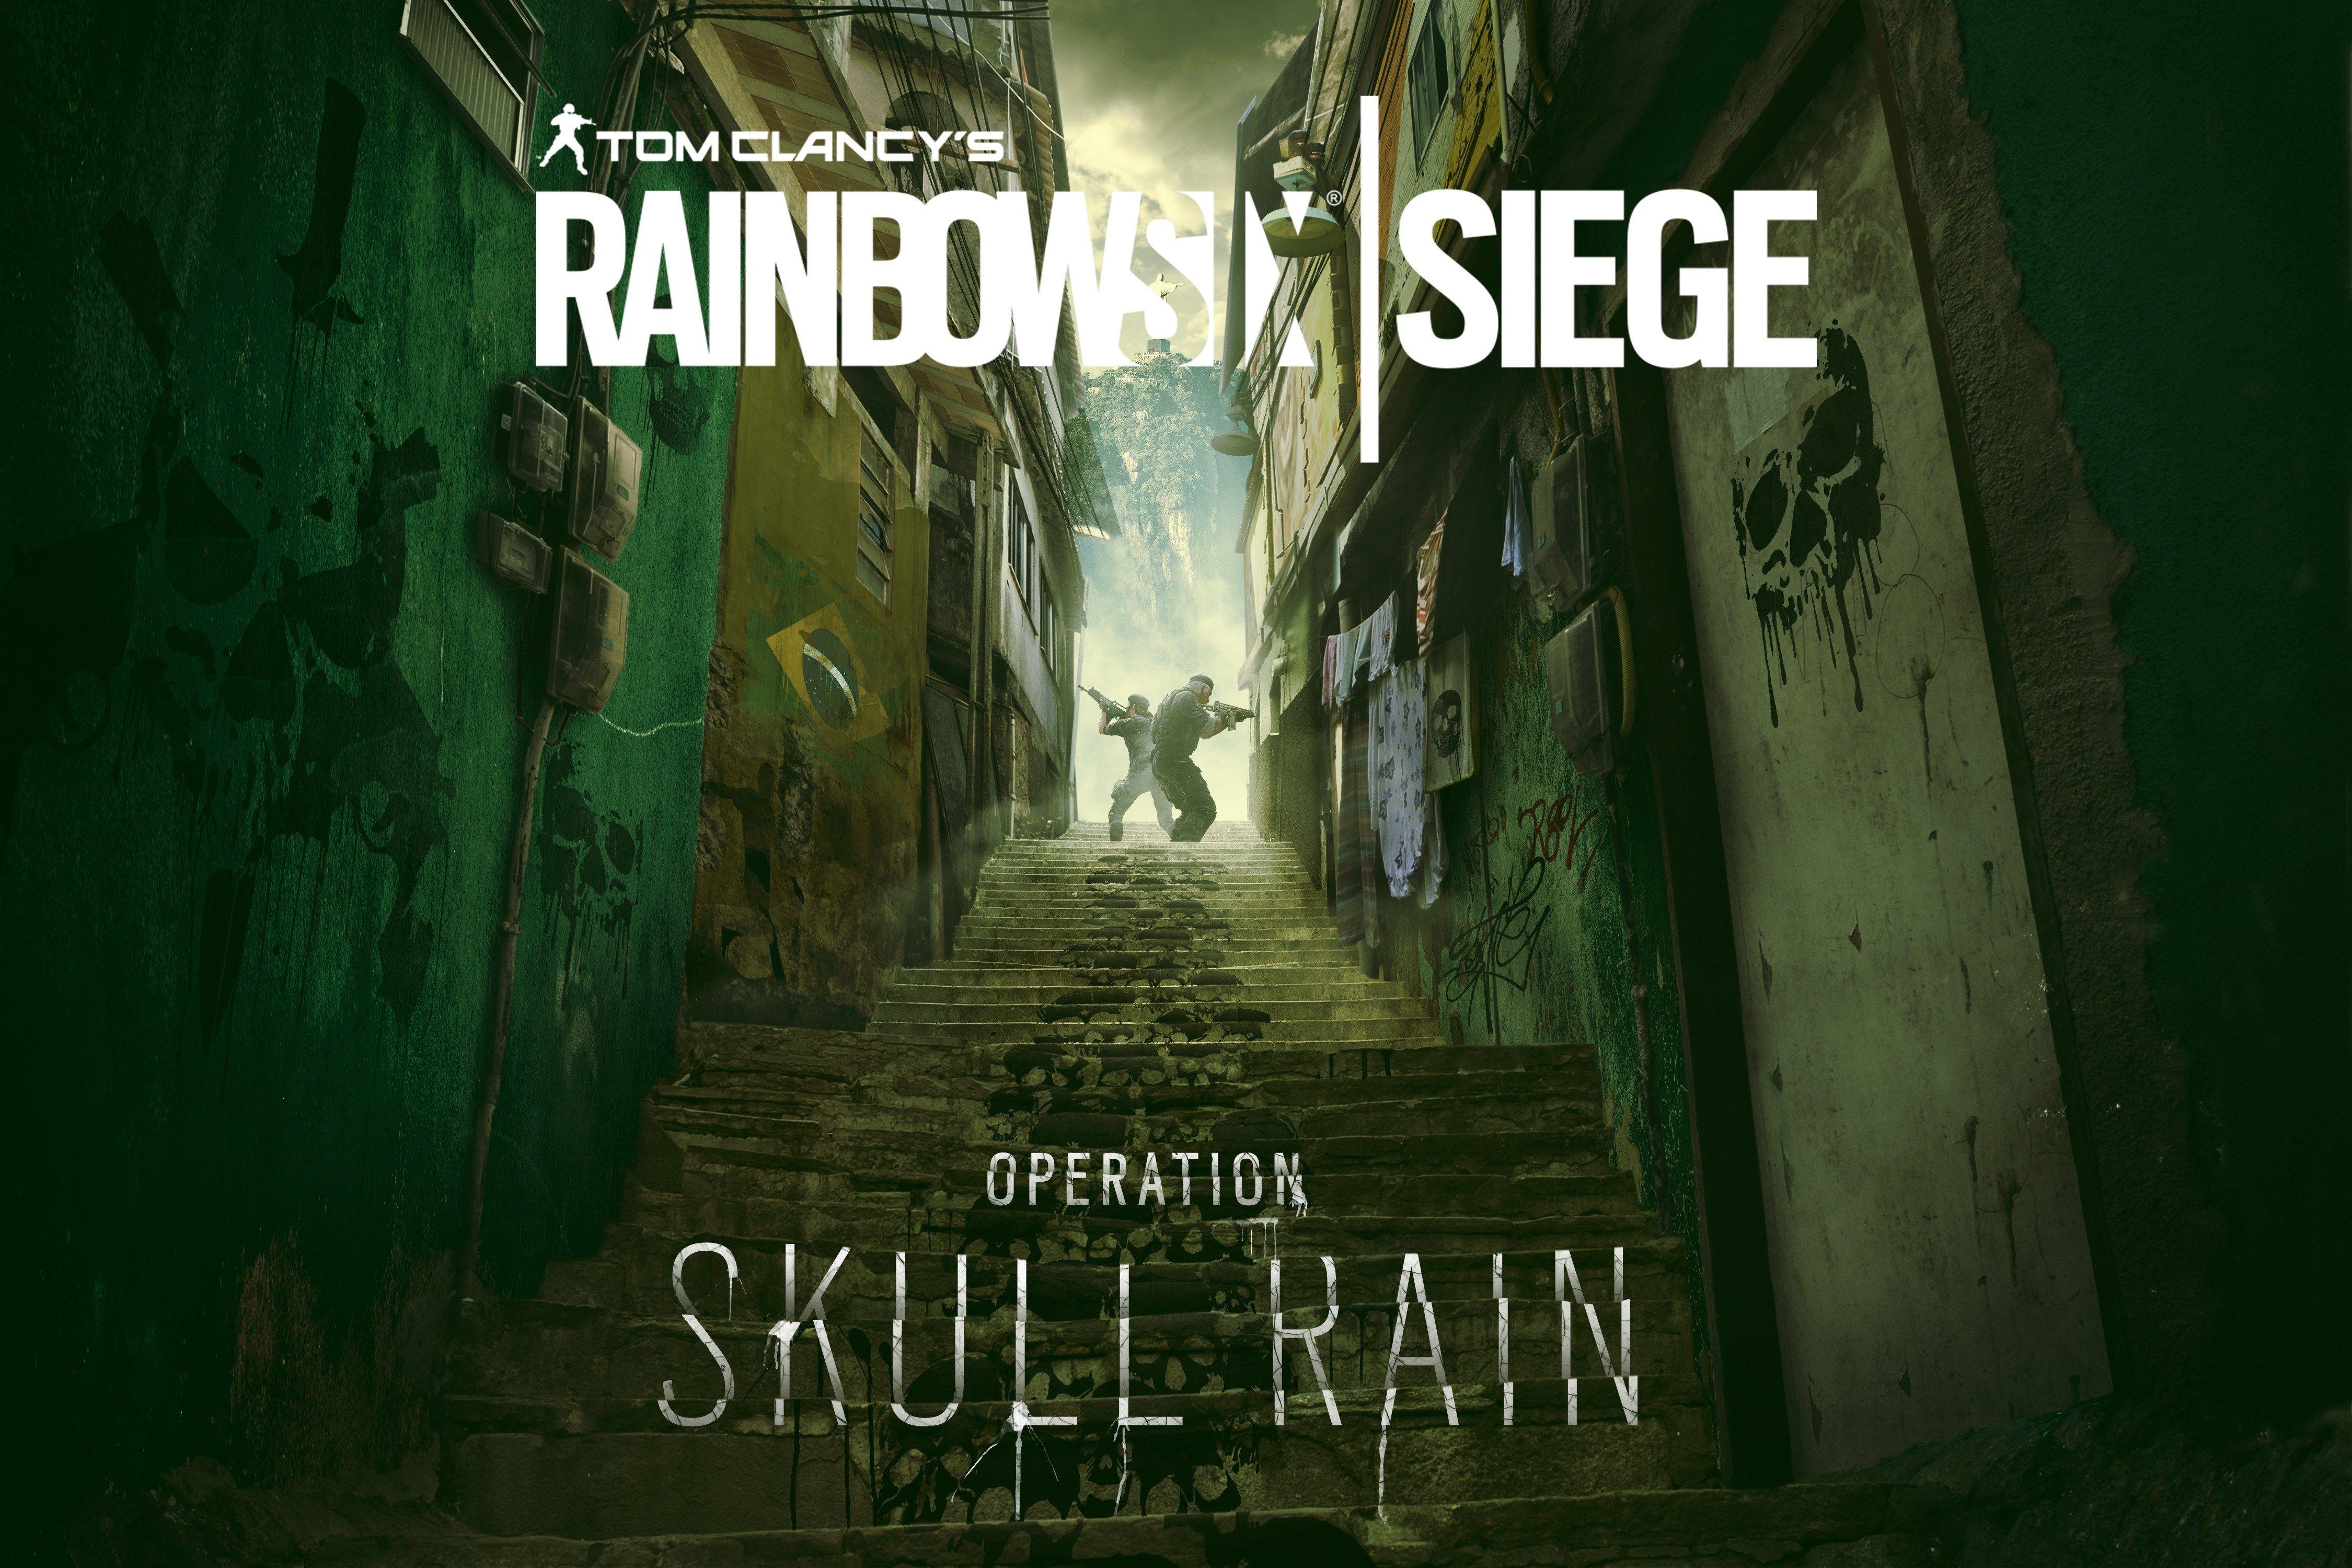 Tom Clancys Rainbow Six Siege 4k Wallpaper 4500x3000 With